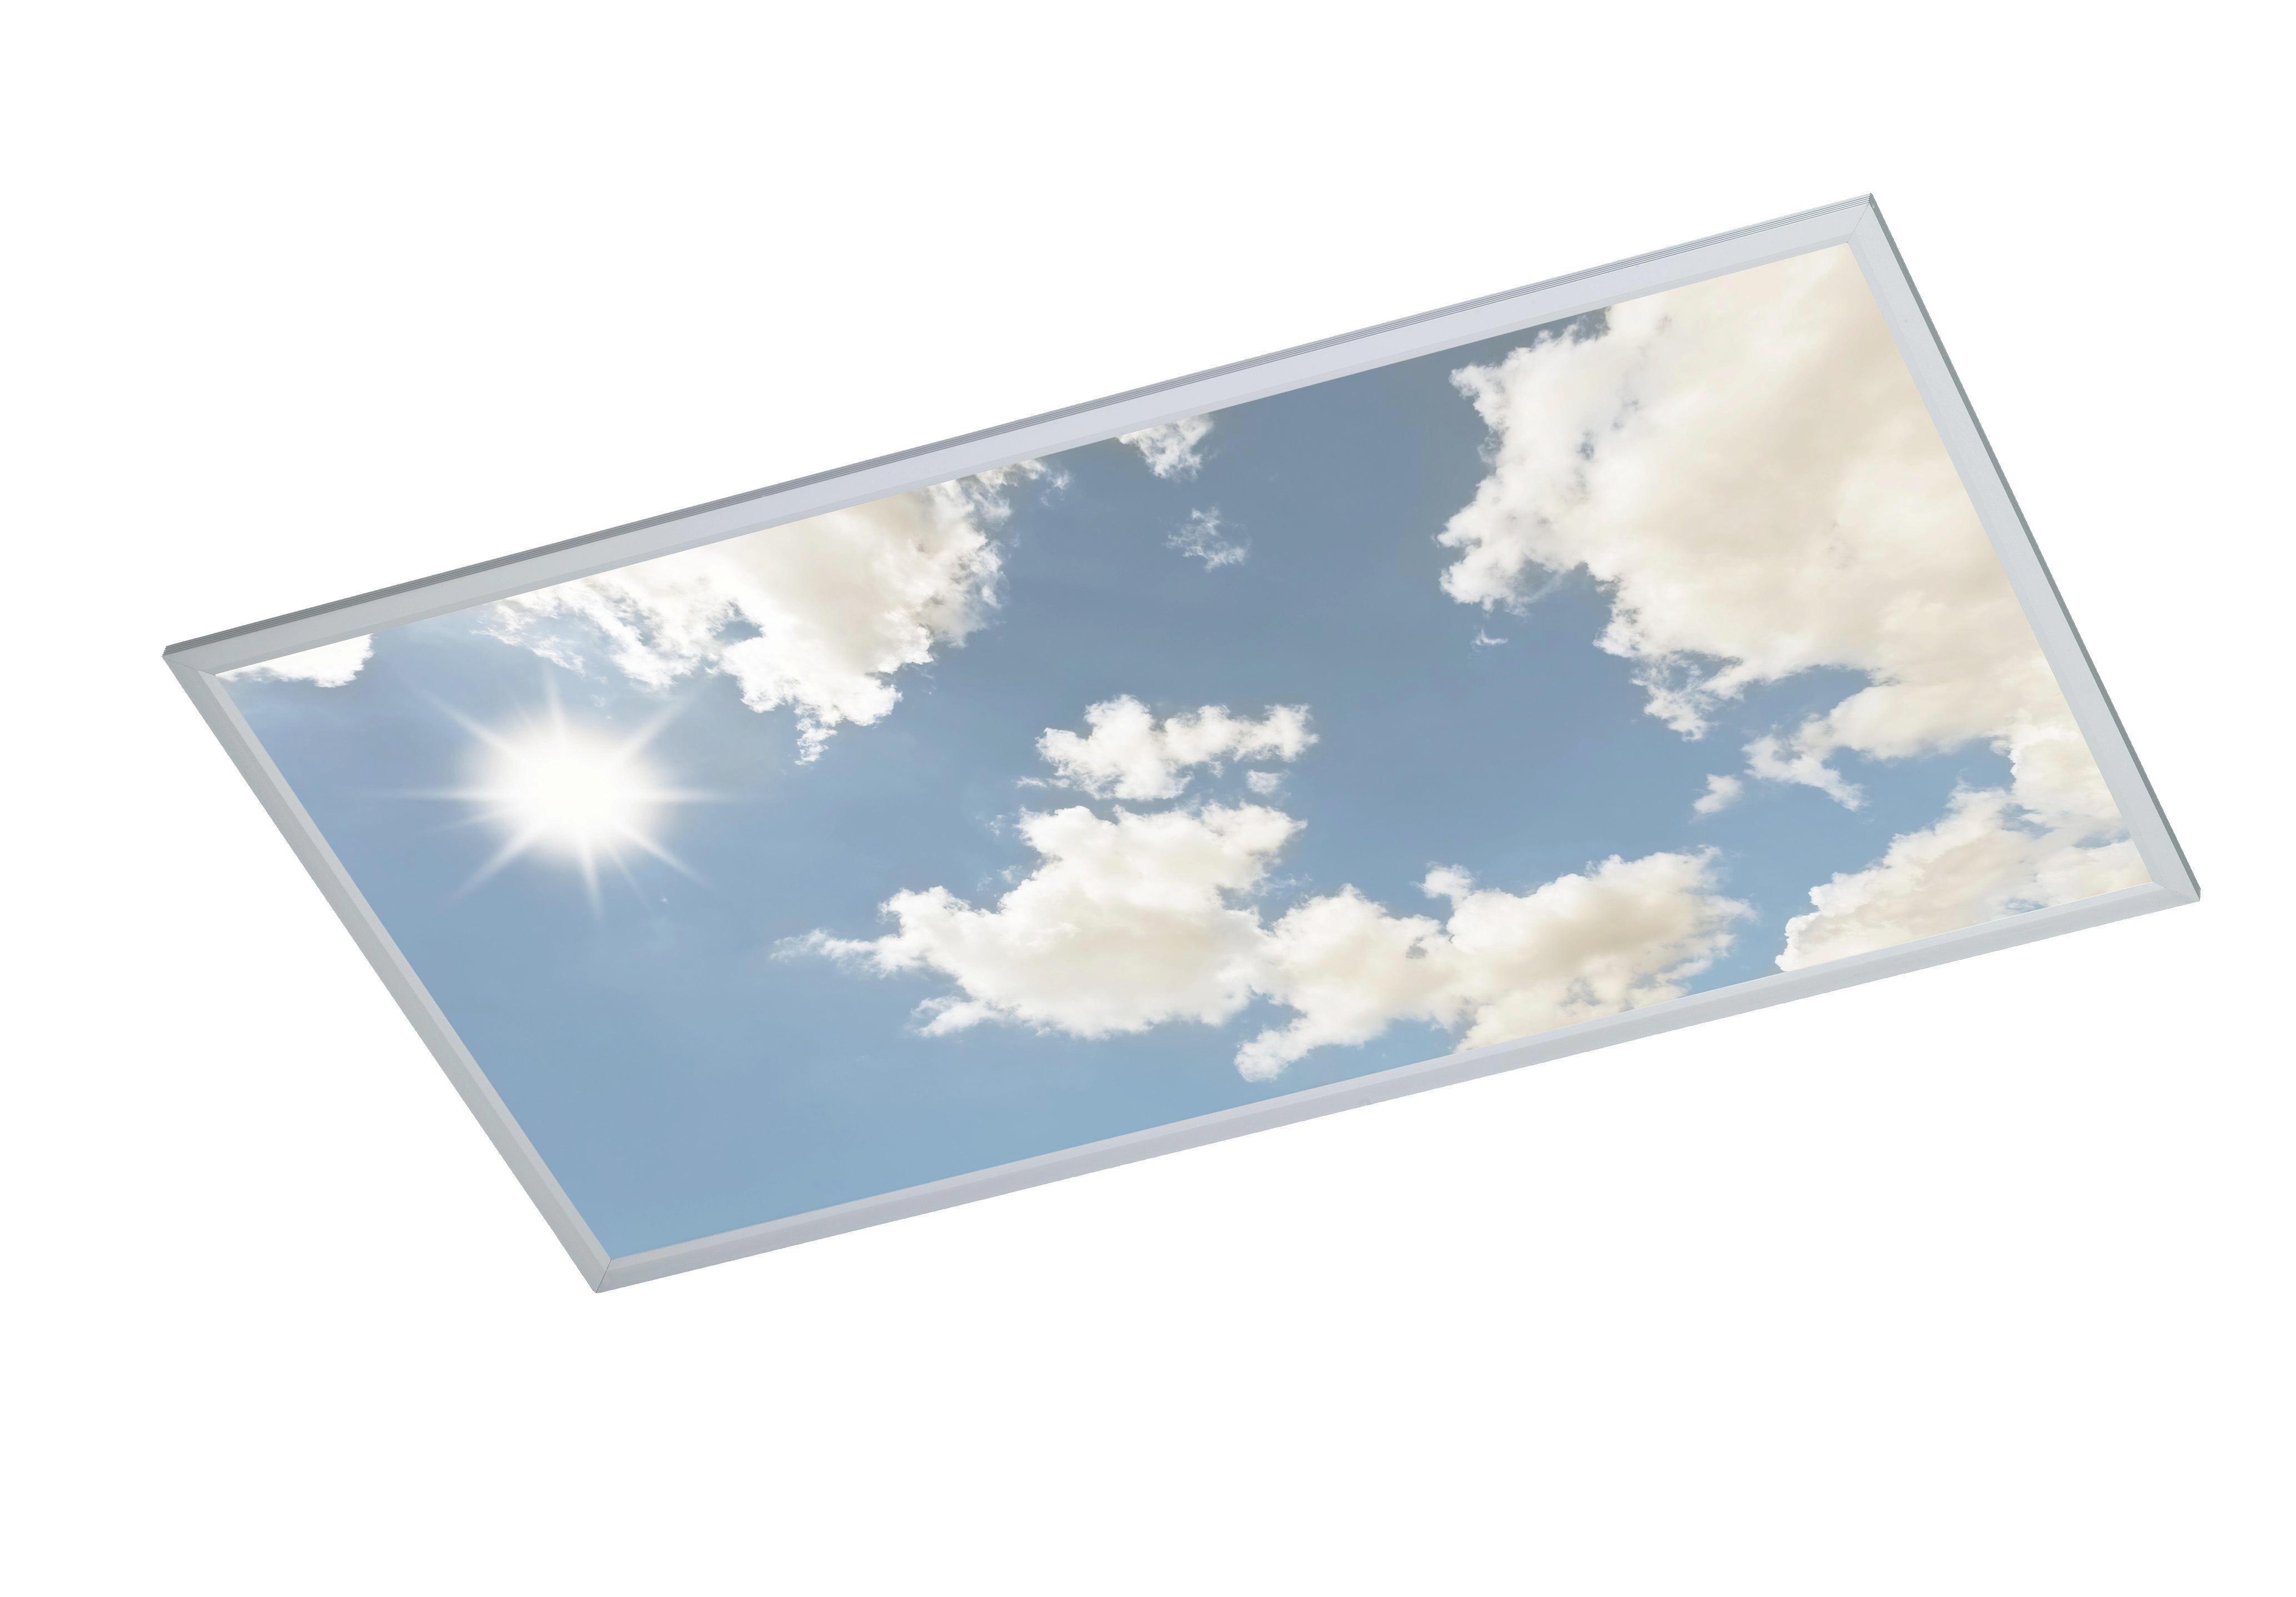 LED-DECKENLEUCHTE - Silberfarben, Design, Kunststoff/Metall (120/5,5/60cm)